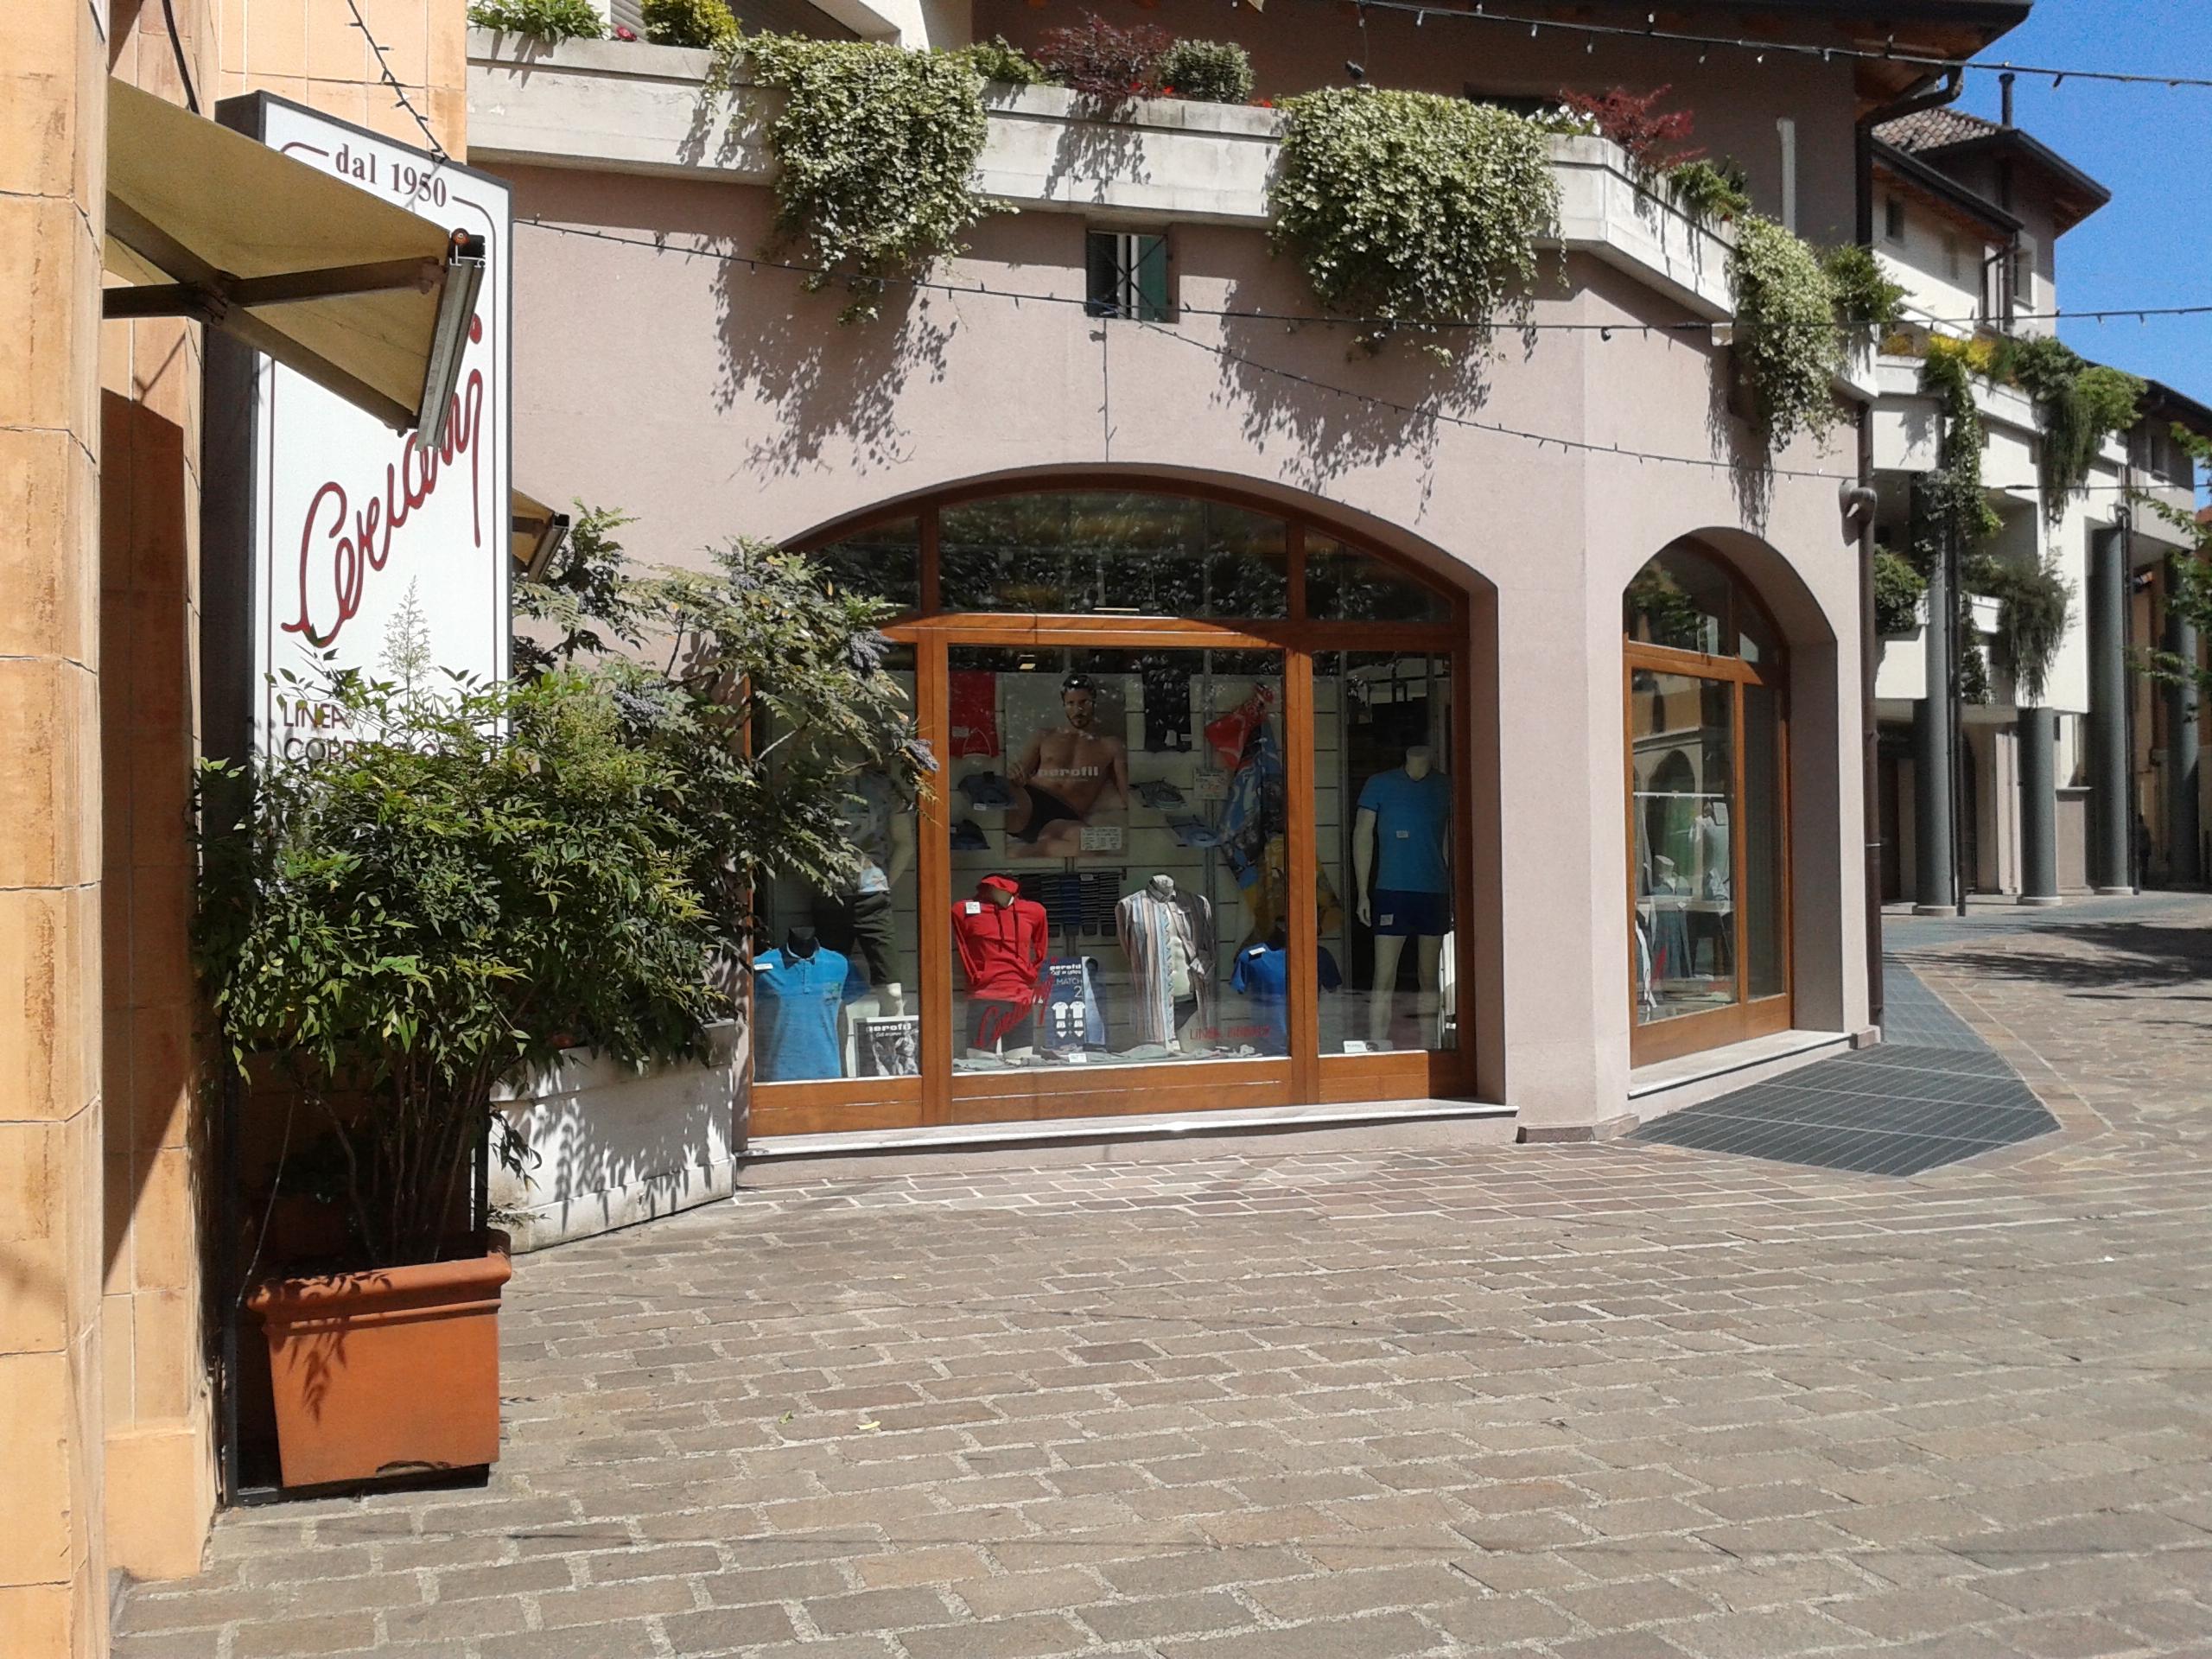 e visto da piazza de Gasperi